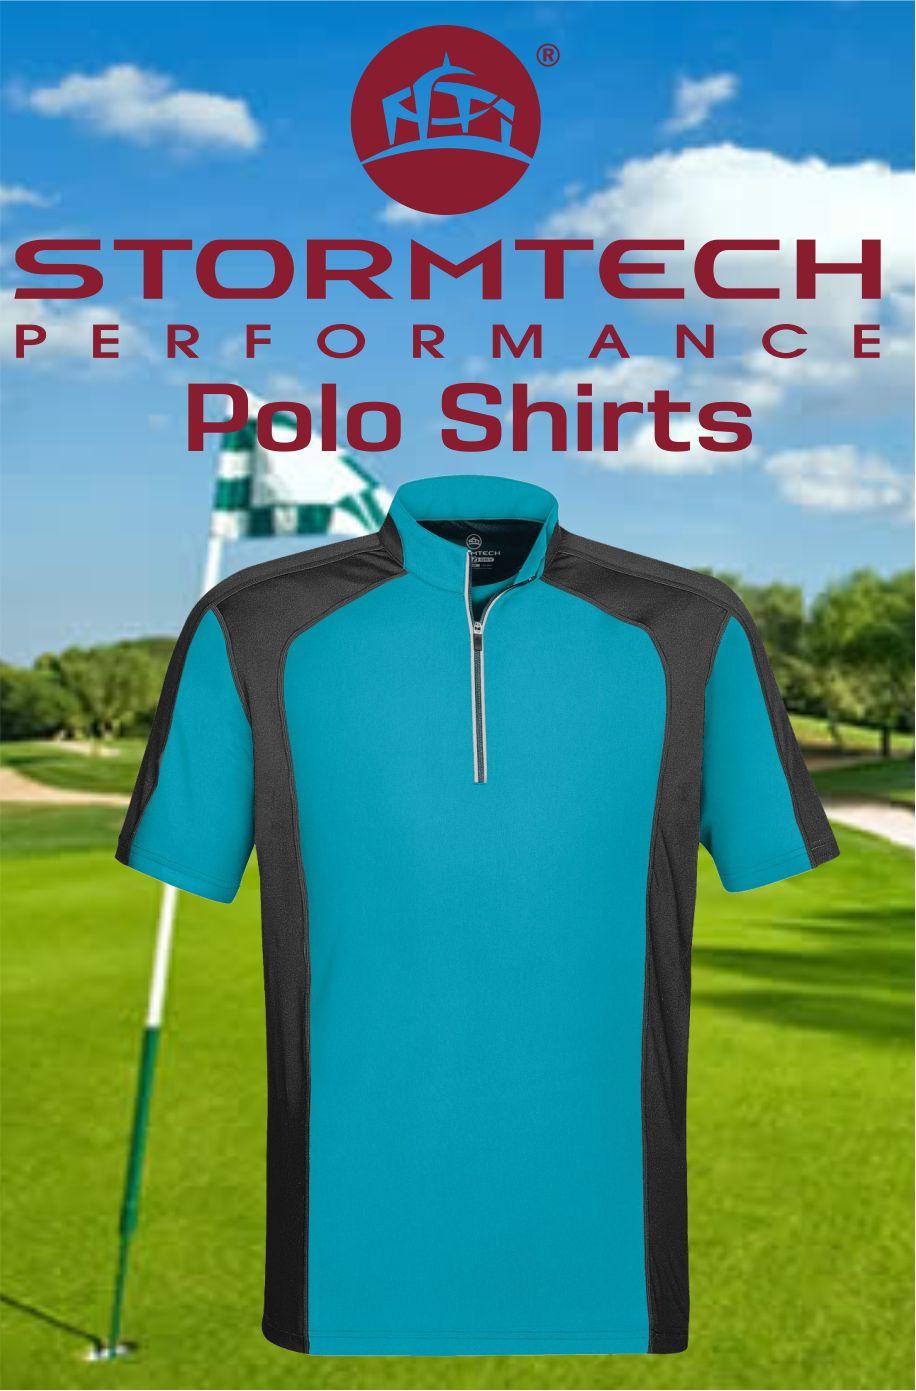 Stormtech Polo Shirts